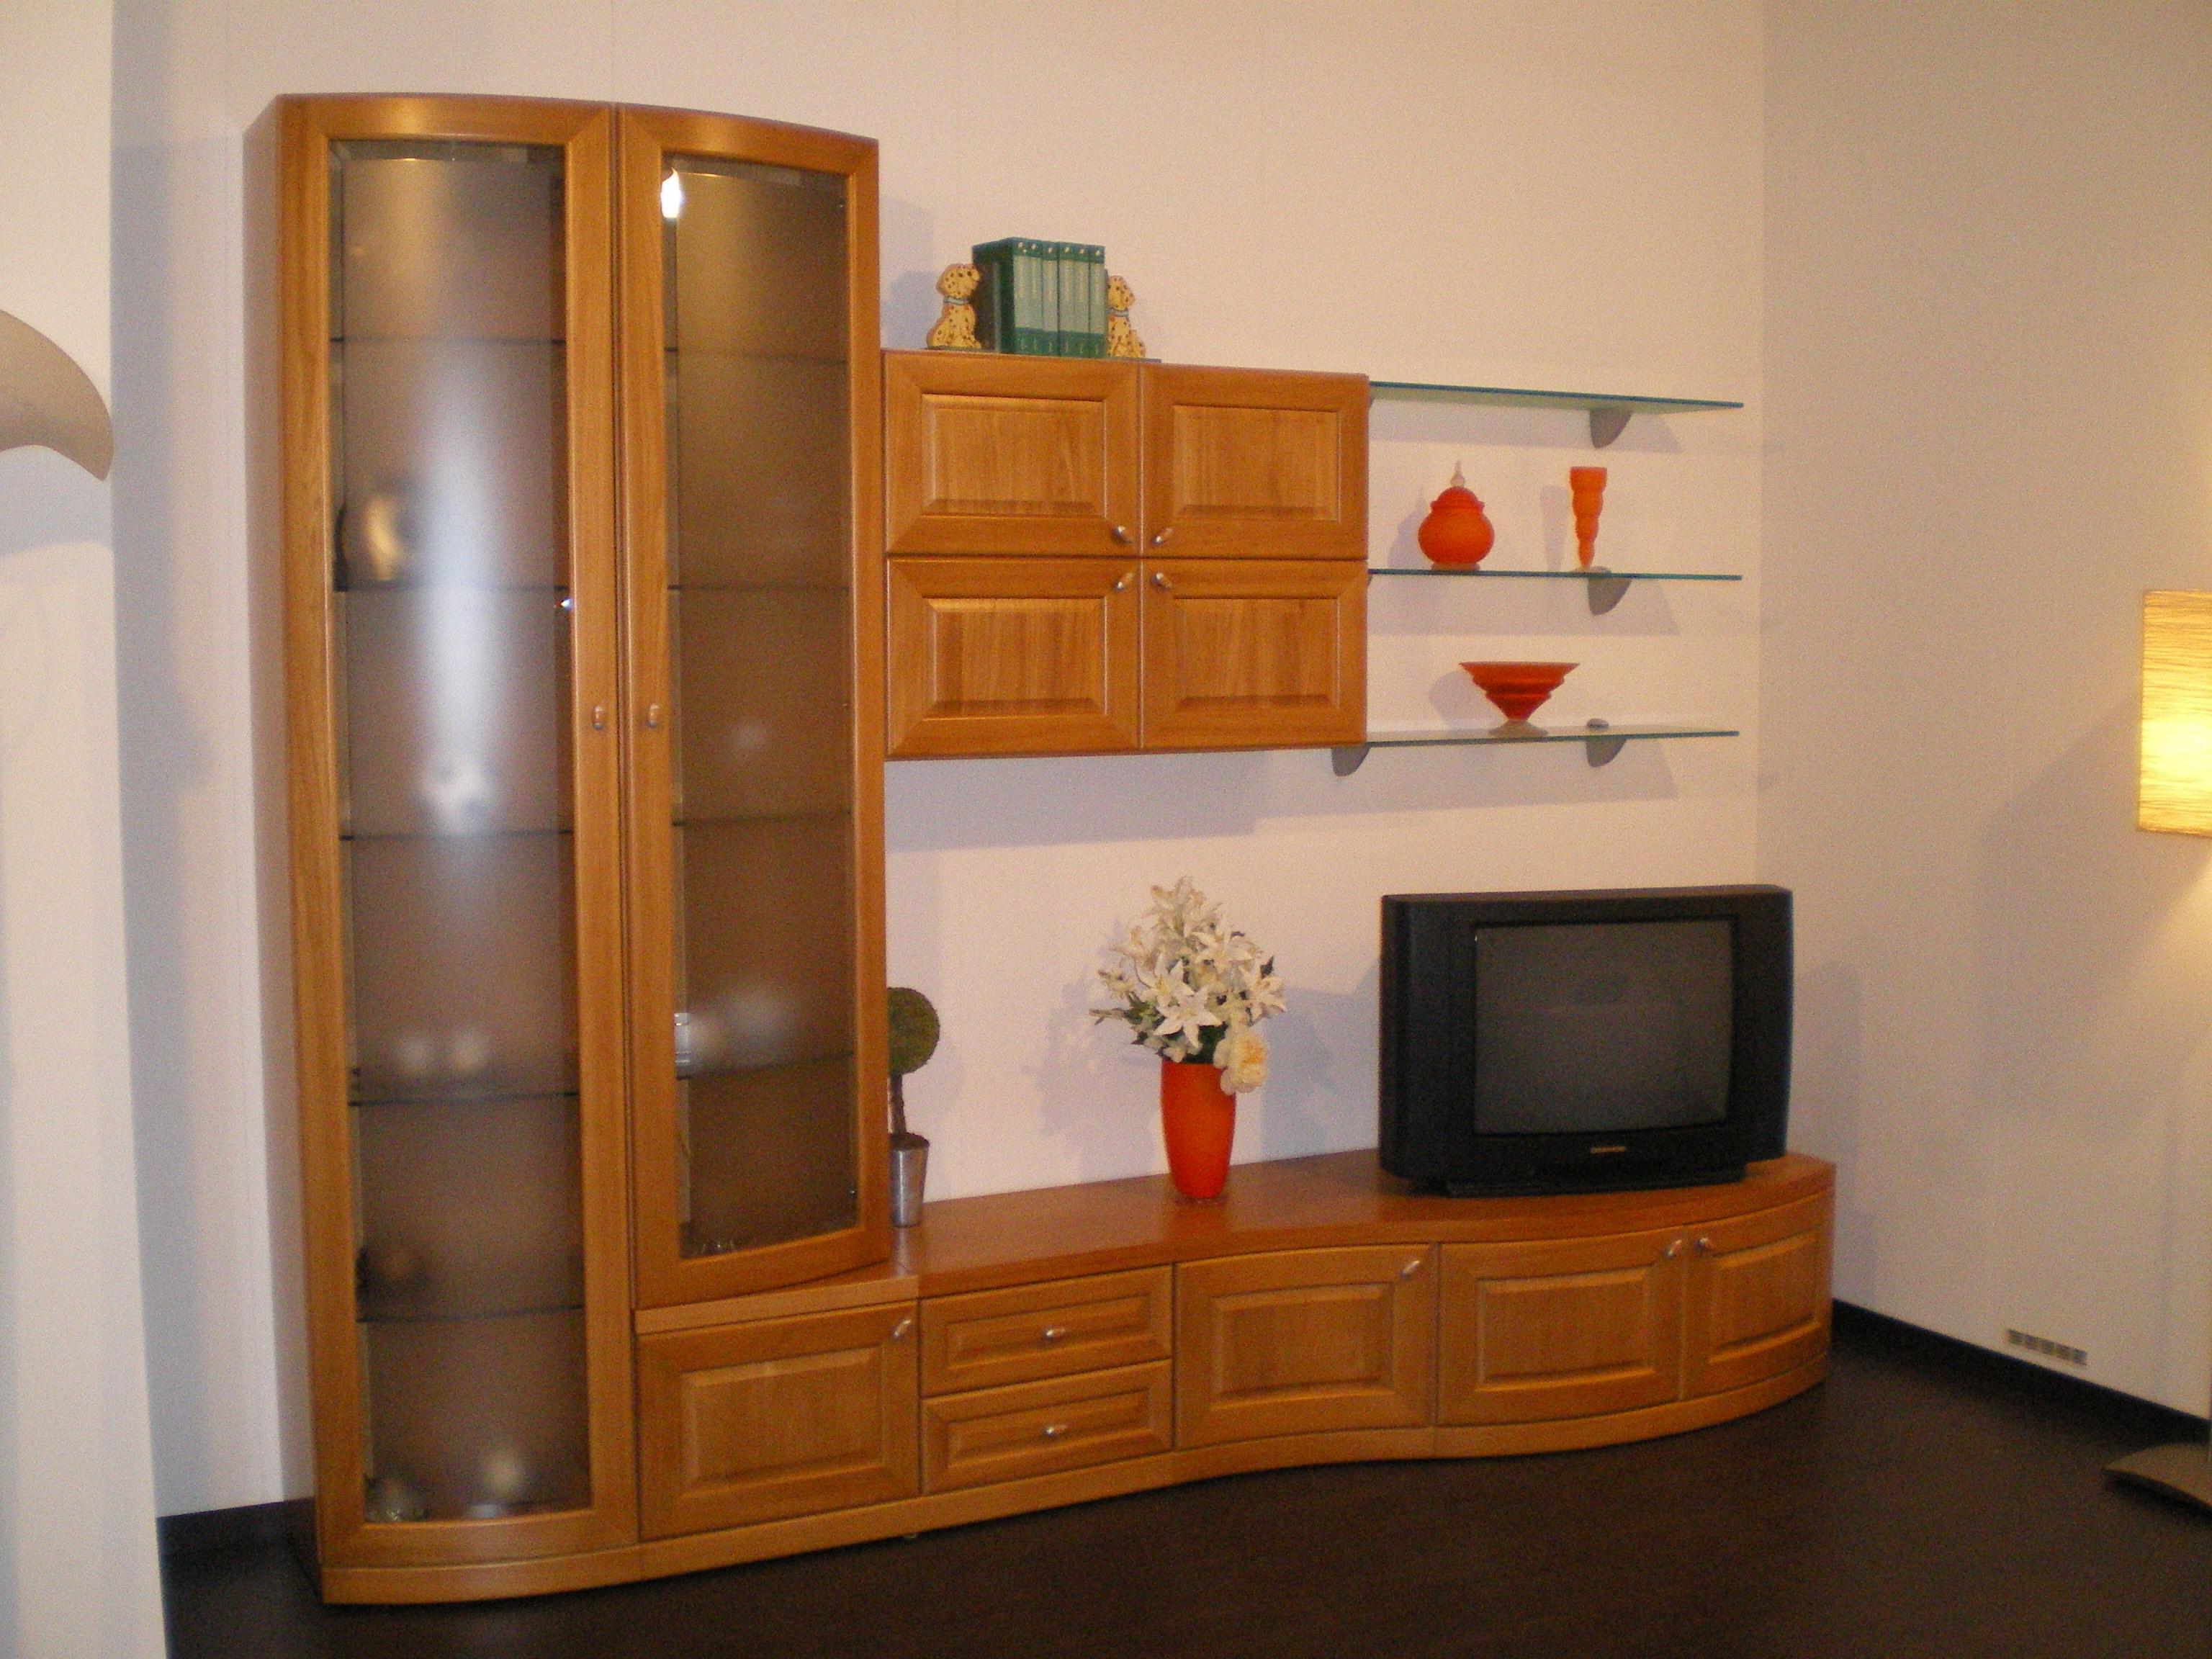 Soggiorno fim california legno componibili classico for Mobili soggiorno prezzi